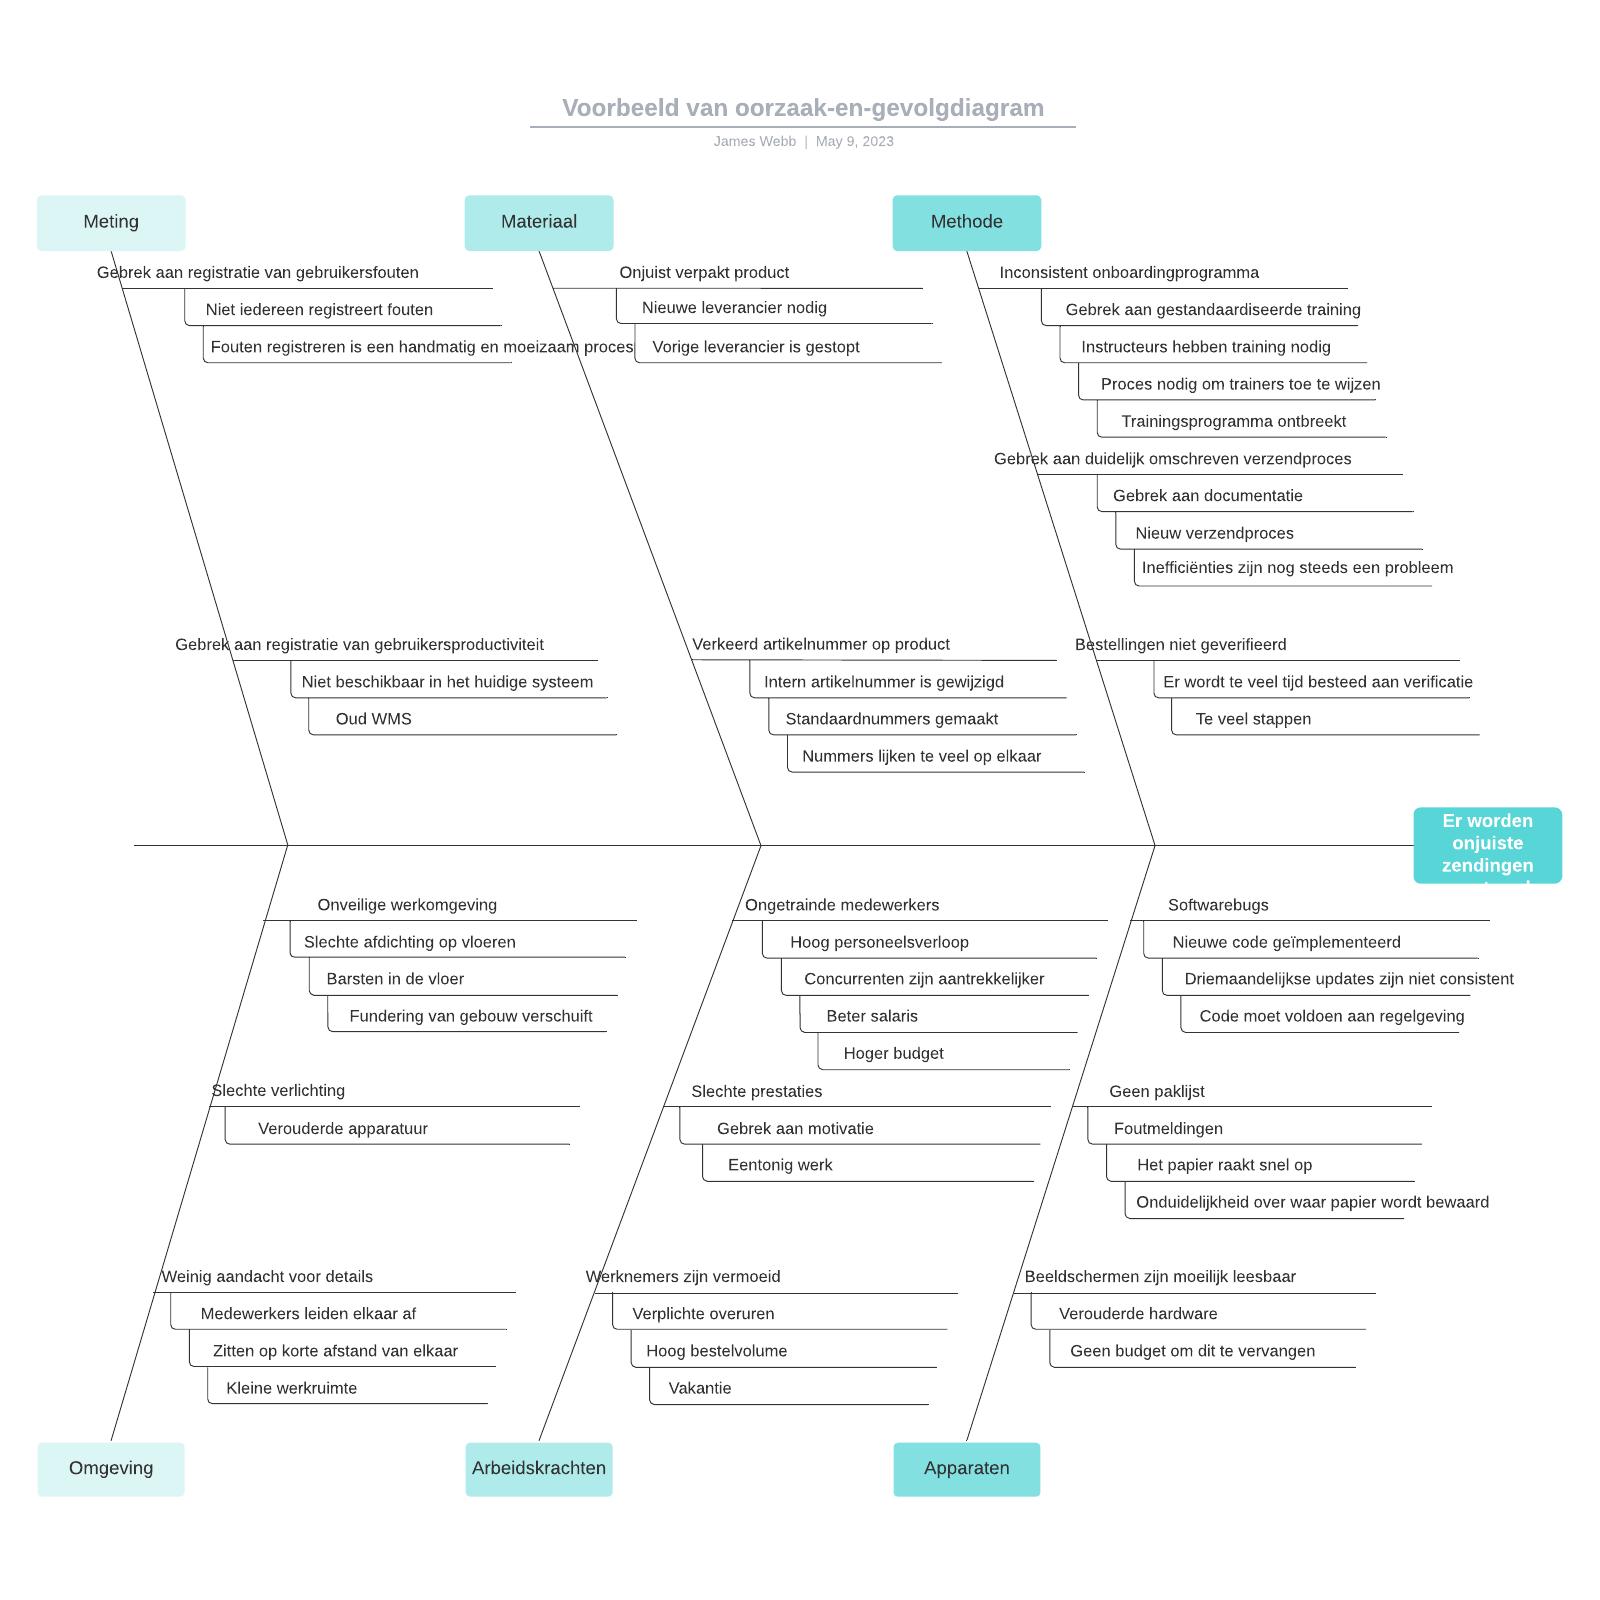 Voorbeeld van oorzaak-en-gevolgdiagram